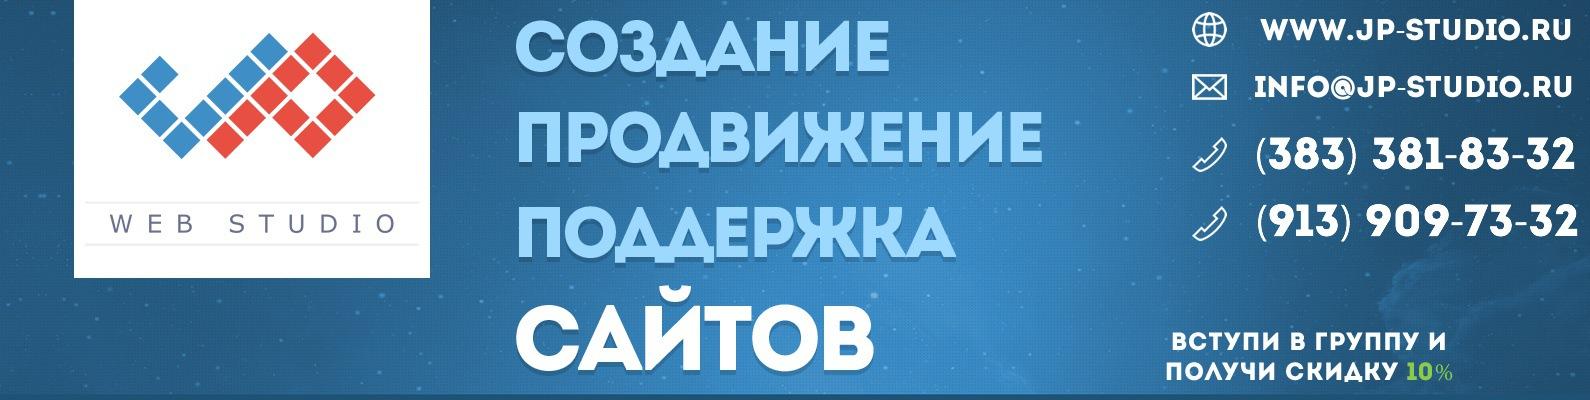 Создание и разработка сайтов в новосибирске 8 точек официальный сайт росно мс протопоповский пер., д.25